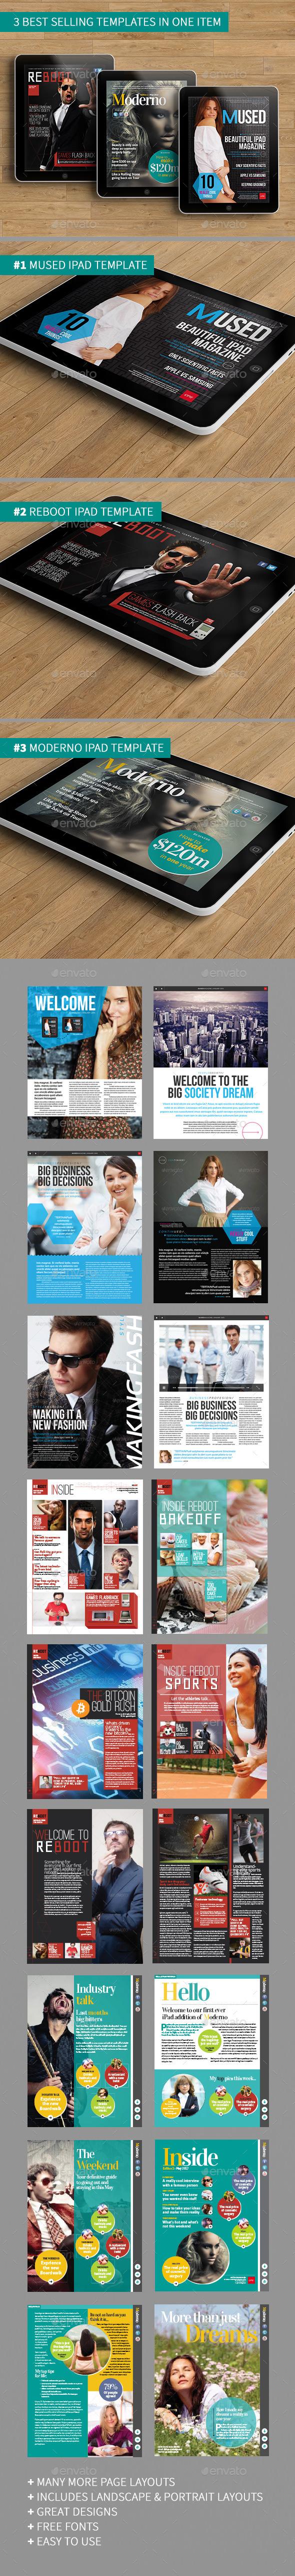 iPad Magazine Bundle - Digital Magazines ePublishing